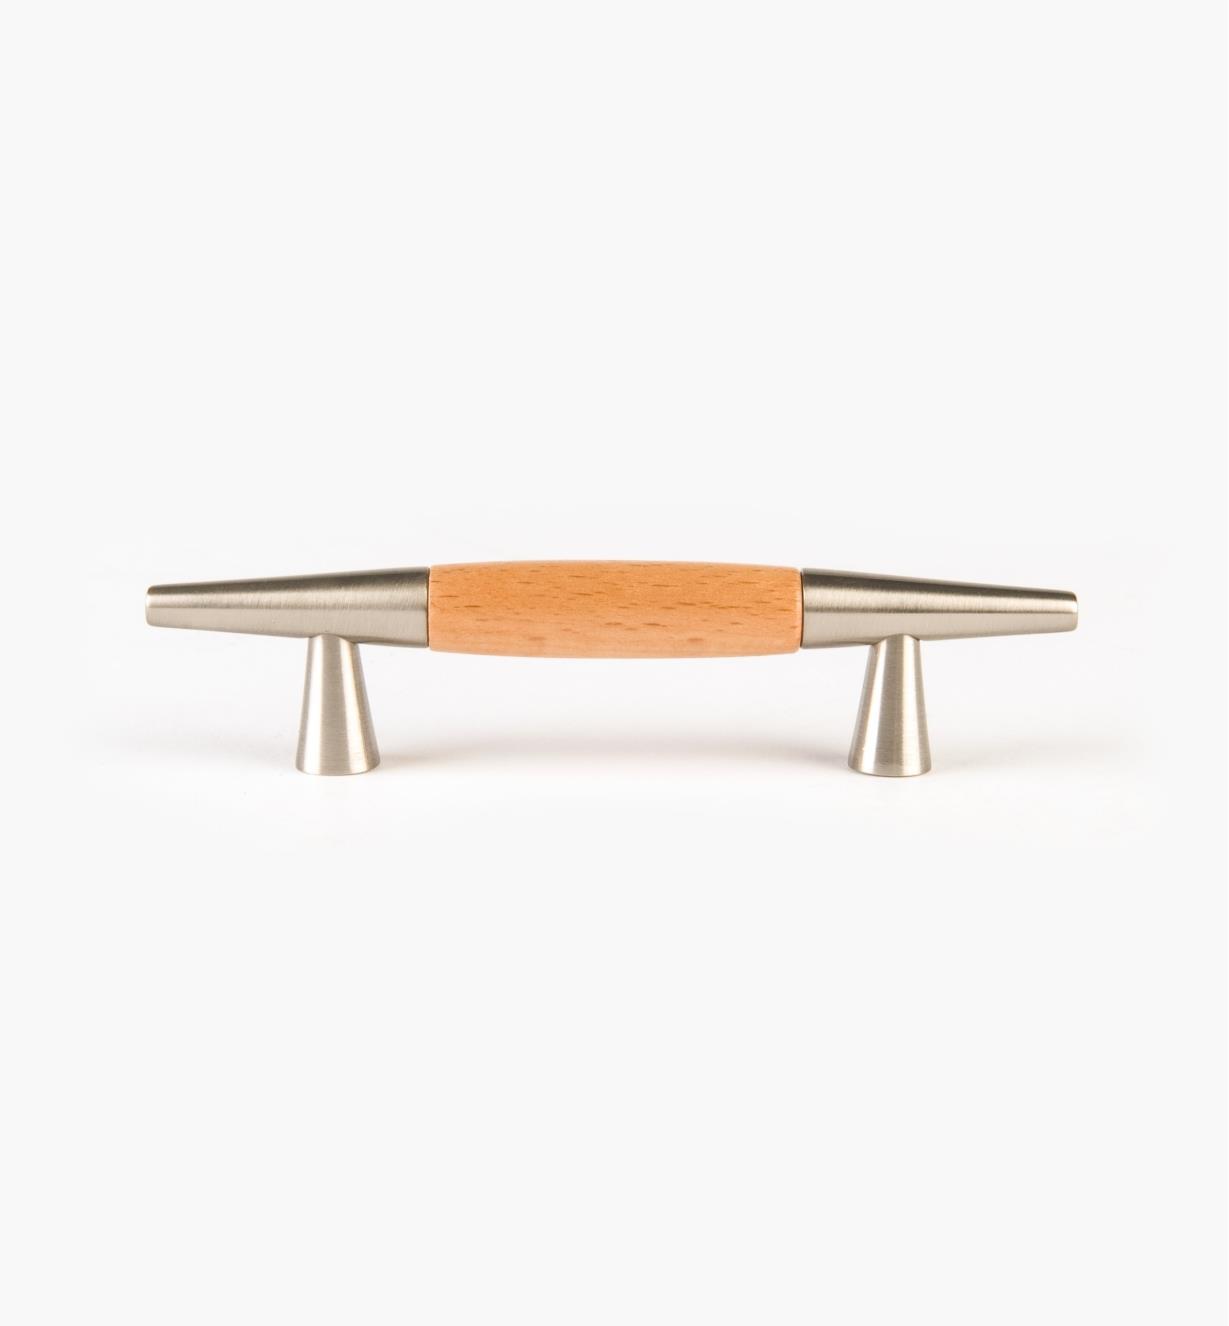 00W3310 - Poignée moderne, métal et bois, nickel brossé, 64 mm (4 3/16 po)